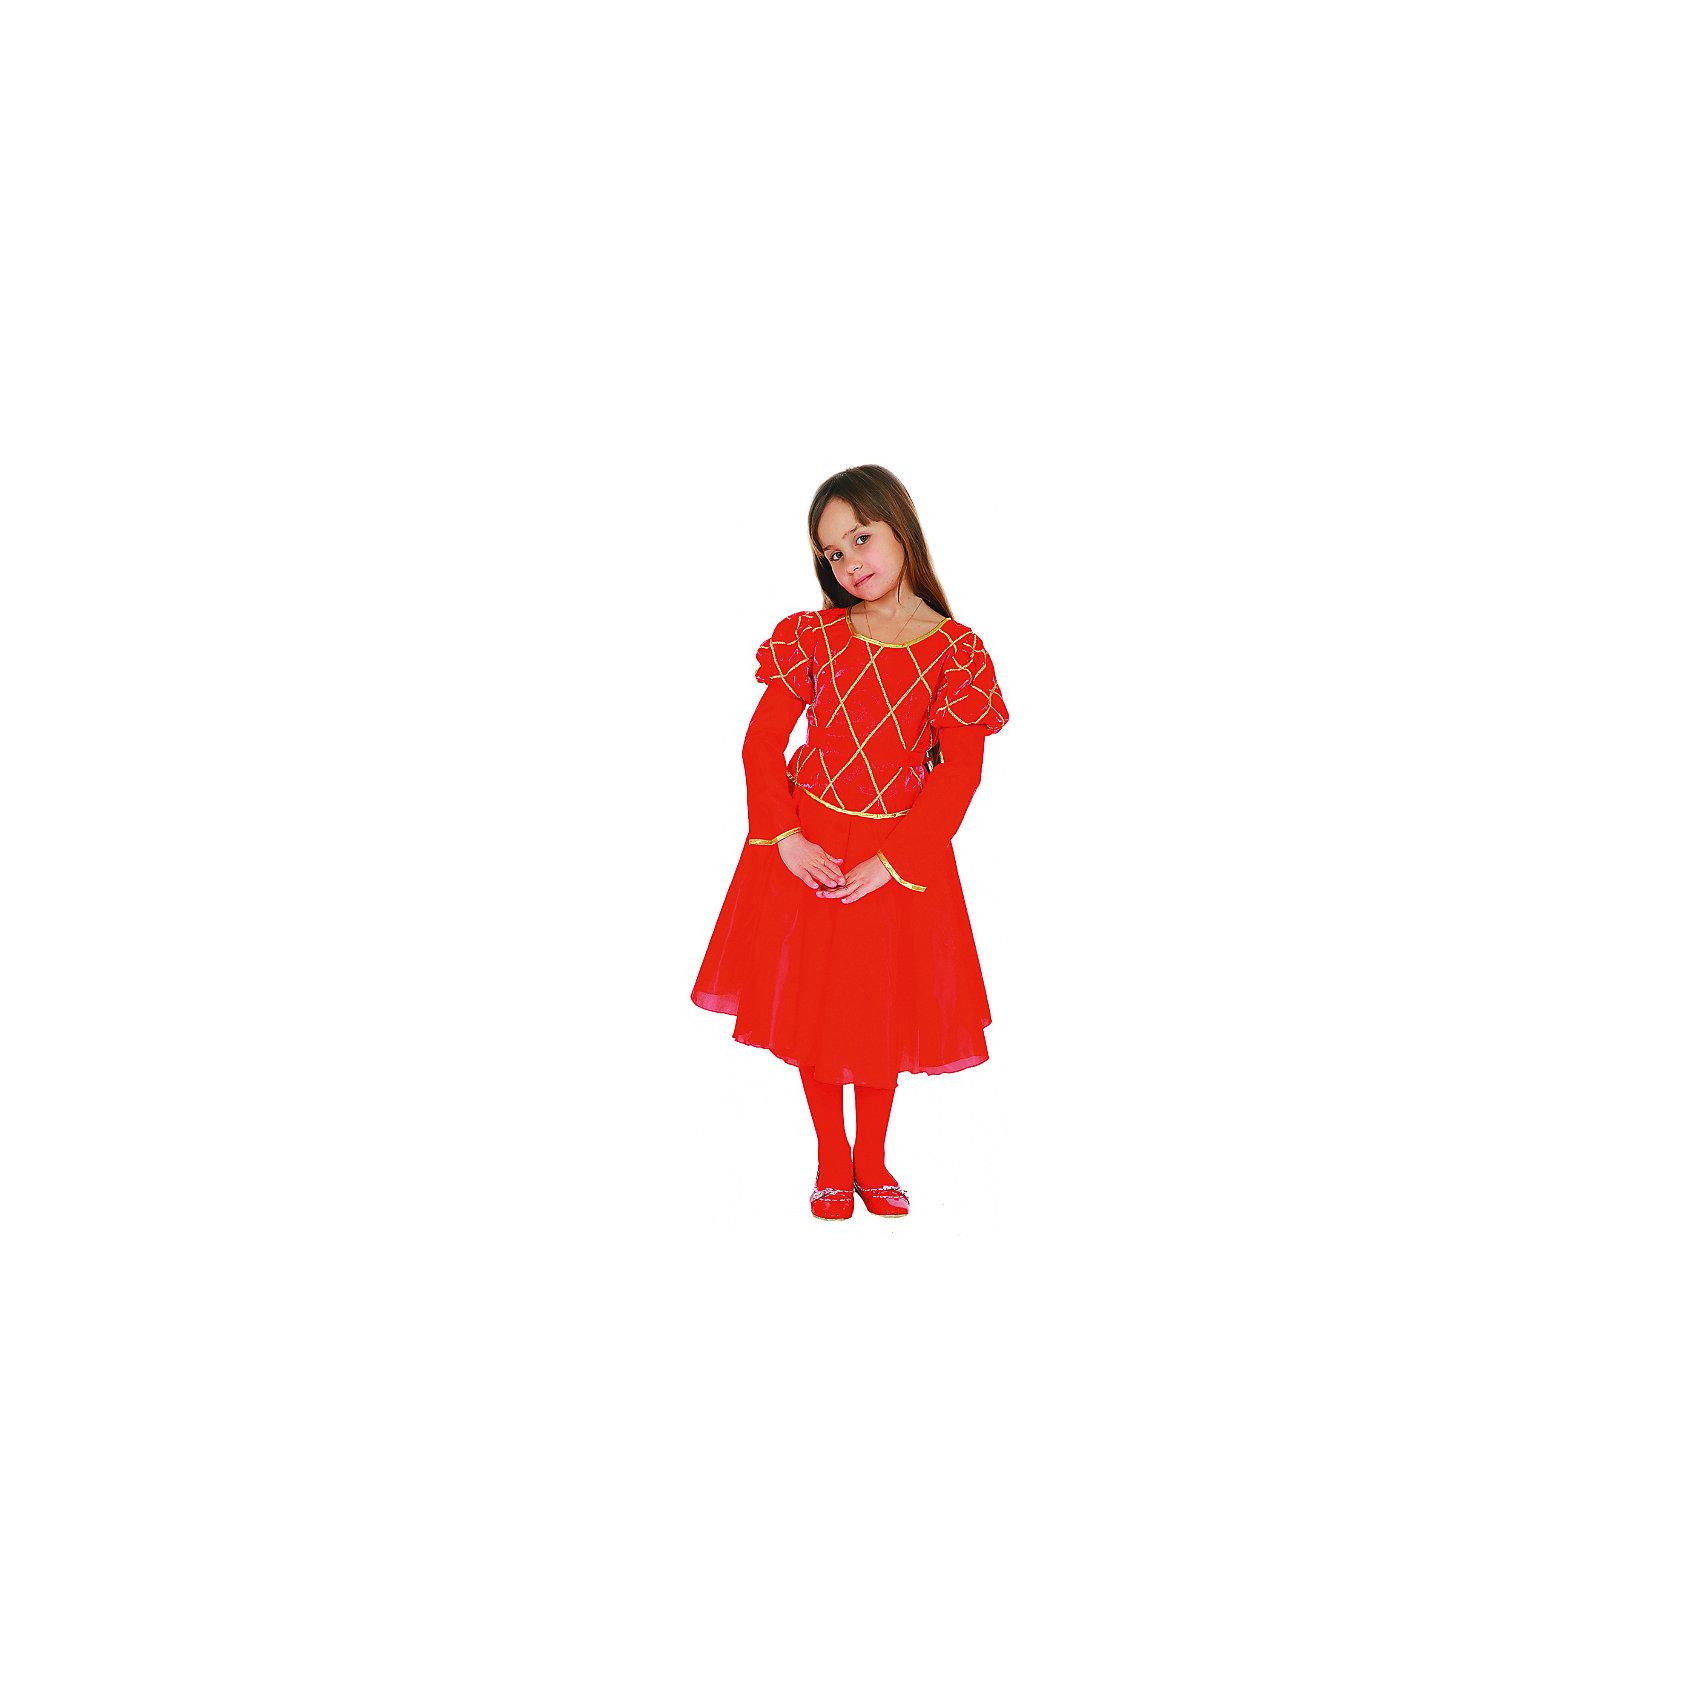 Вестифика Карнавальный костюм Принцесса (красная), Вестифика вестифика карнавальный костюм цыпленок вестифика